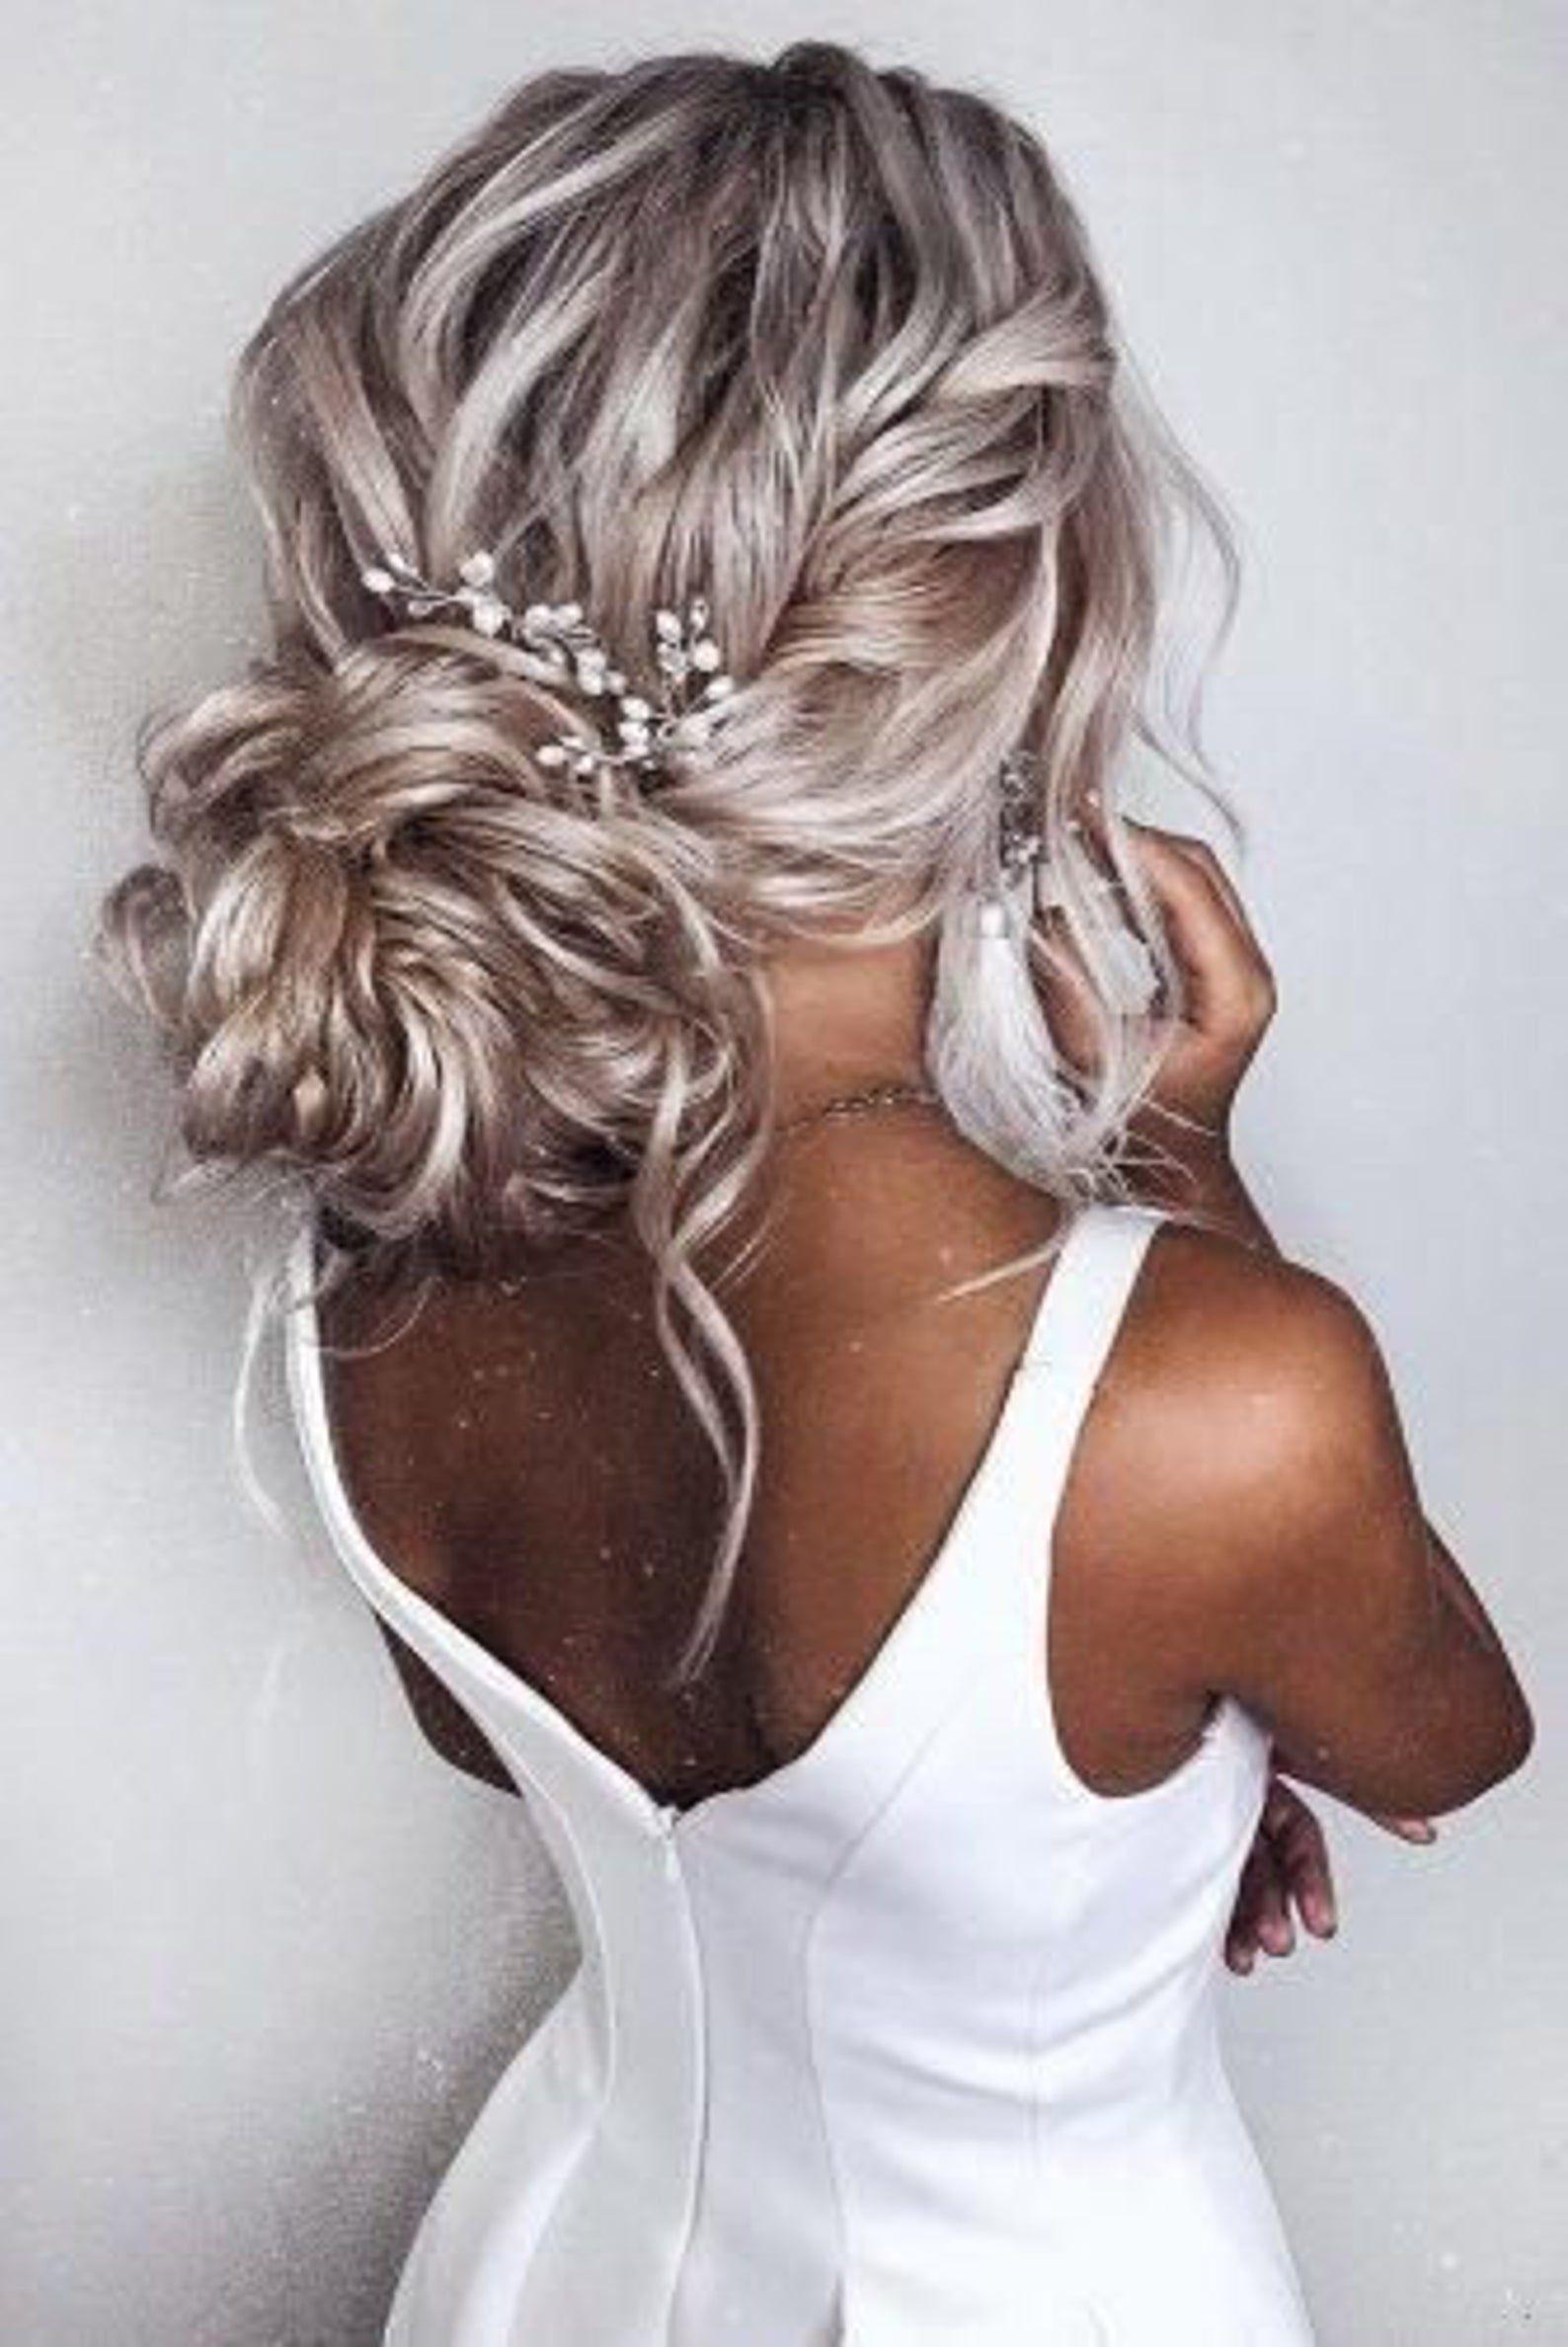 Bridal hair piece Wedding Hair Accessories Bridal  hair comb | Etsy